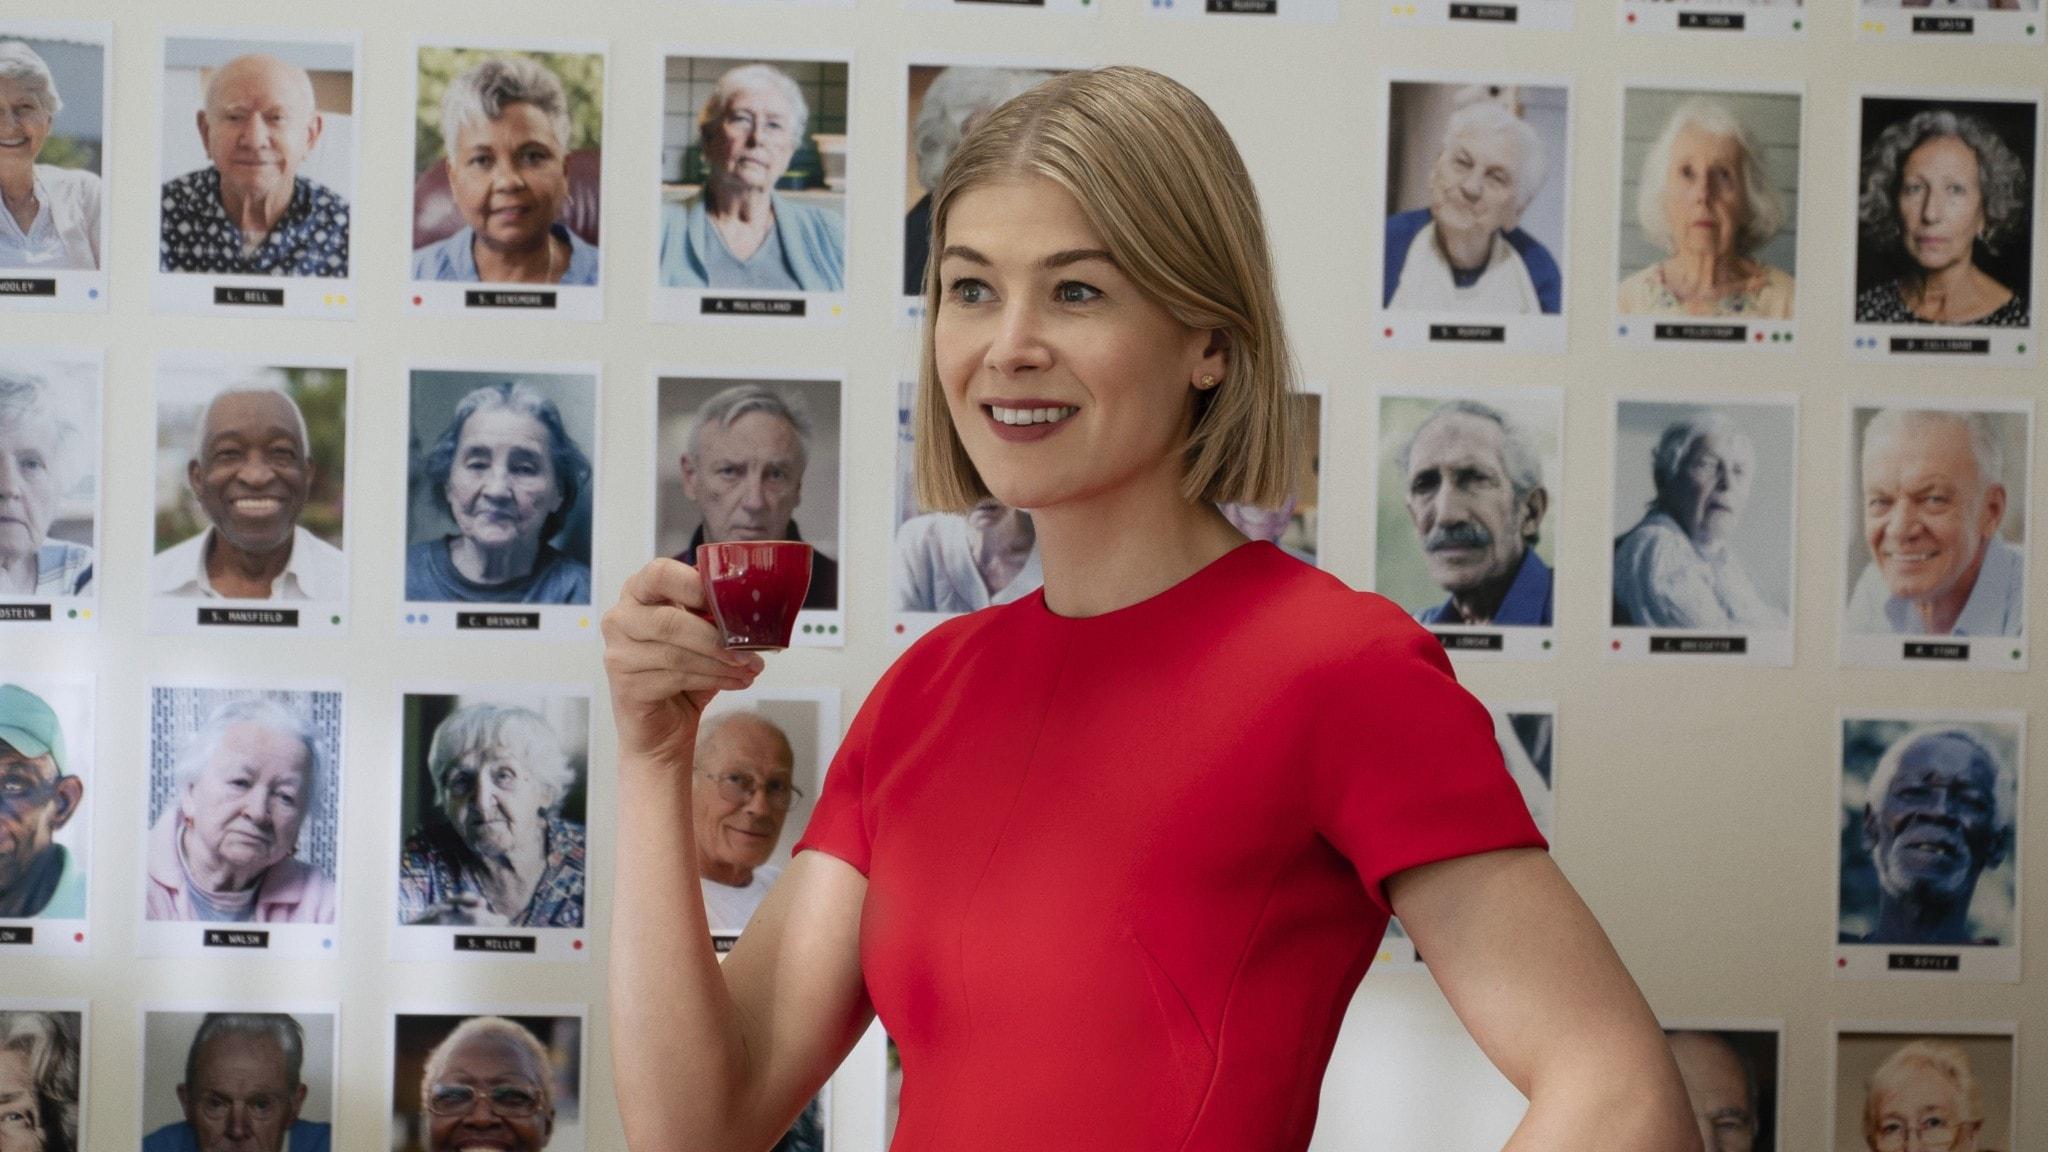 På fotot står Rosamund Pike i en röd klänning och dricker kaffe. Bakom henne syns porträttfoton på en vägg.